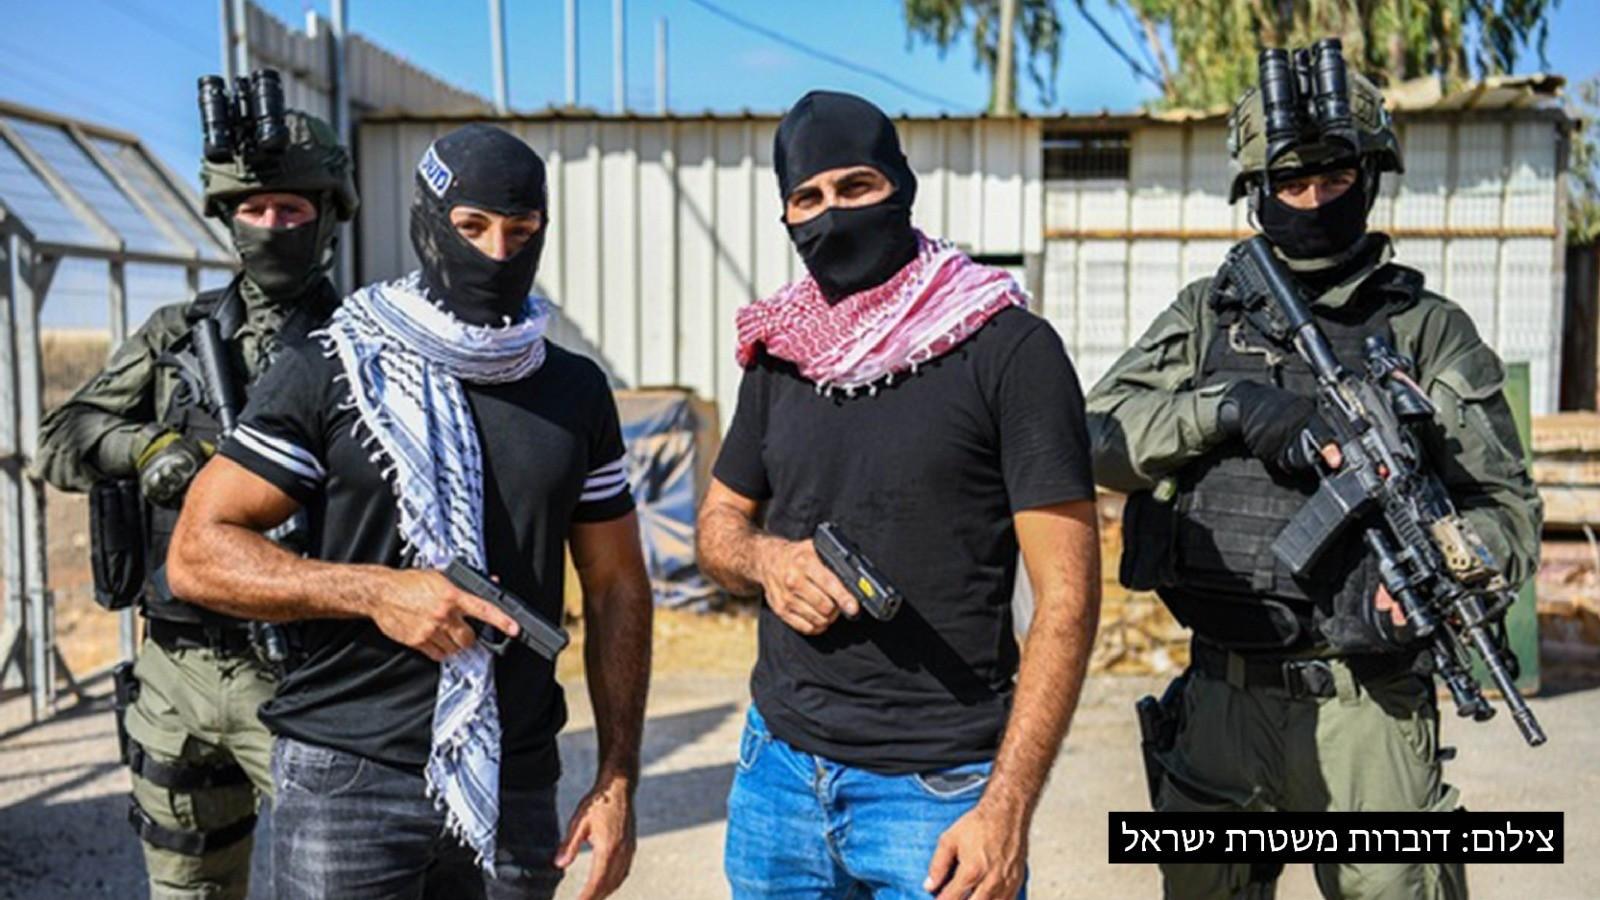 עדאלה: הקמת יחידת המסתערבים החדשה המיועדת לפעול ביישובים הערביים איננה חוקית